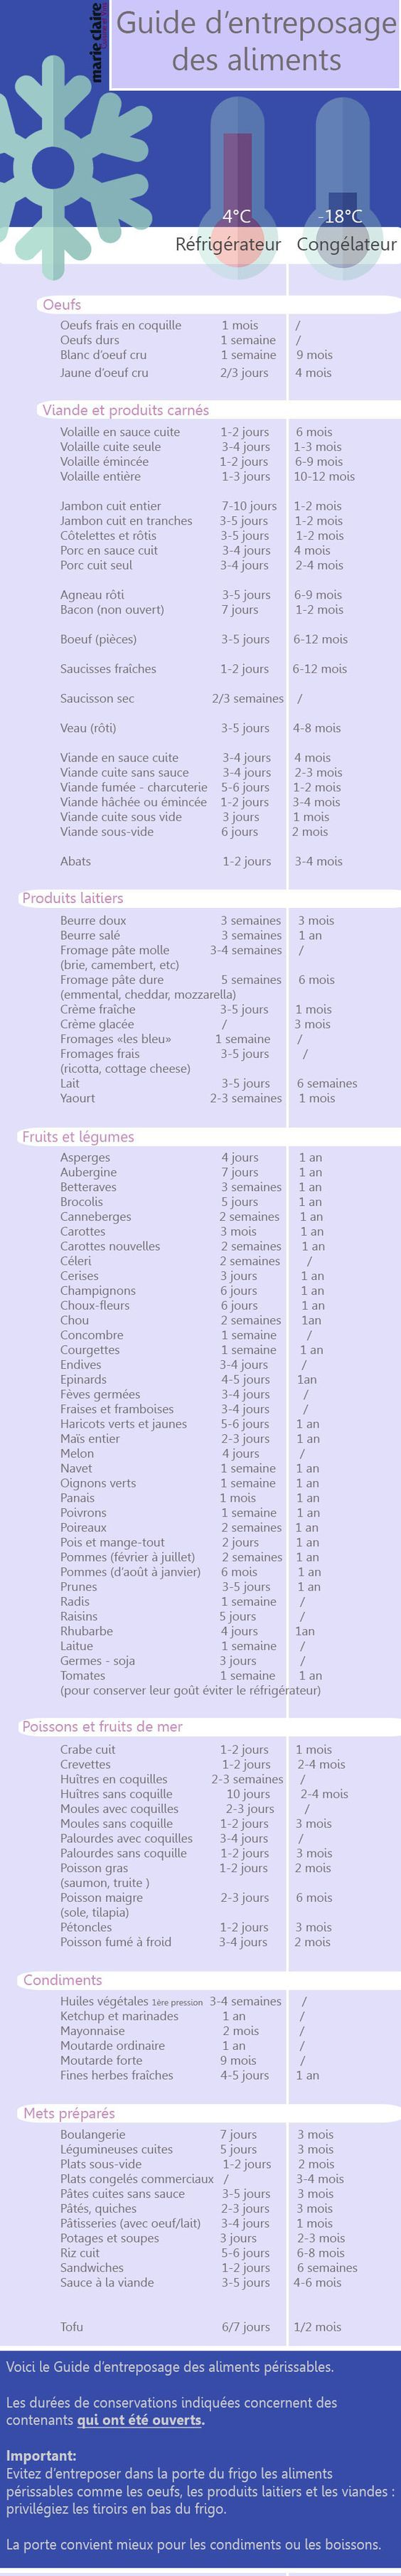 Guide de durée de conservation des aliments périssables au frigo et au congélateur